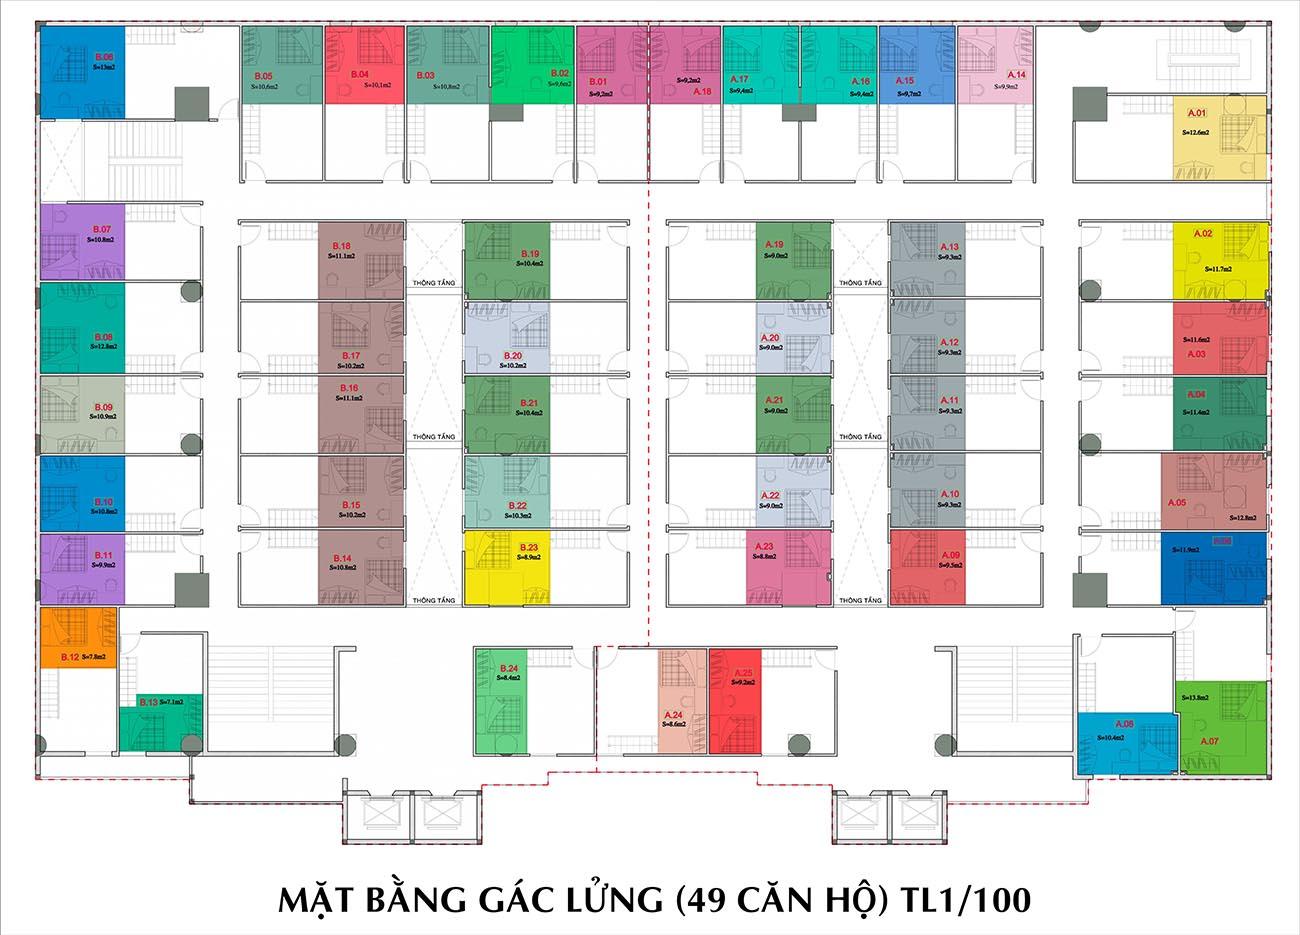 Mặt bằng dự án căn hộ chung cư 9X Golden Stella Bình Tân